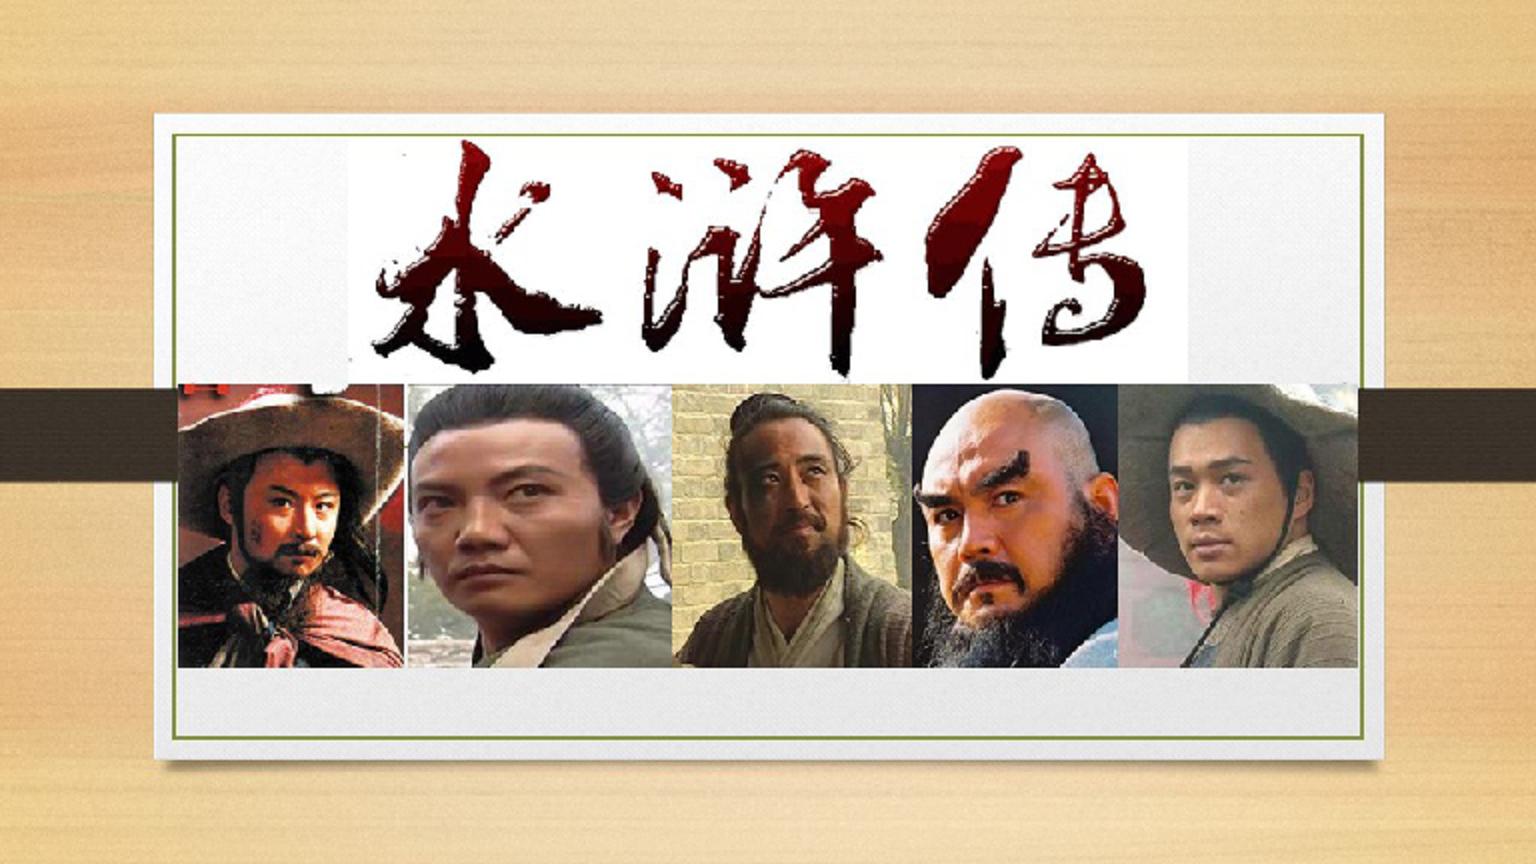 98版水浒传:袁和平武指最精彩5段打戏